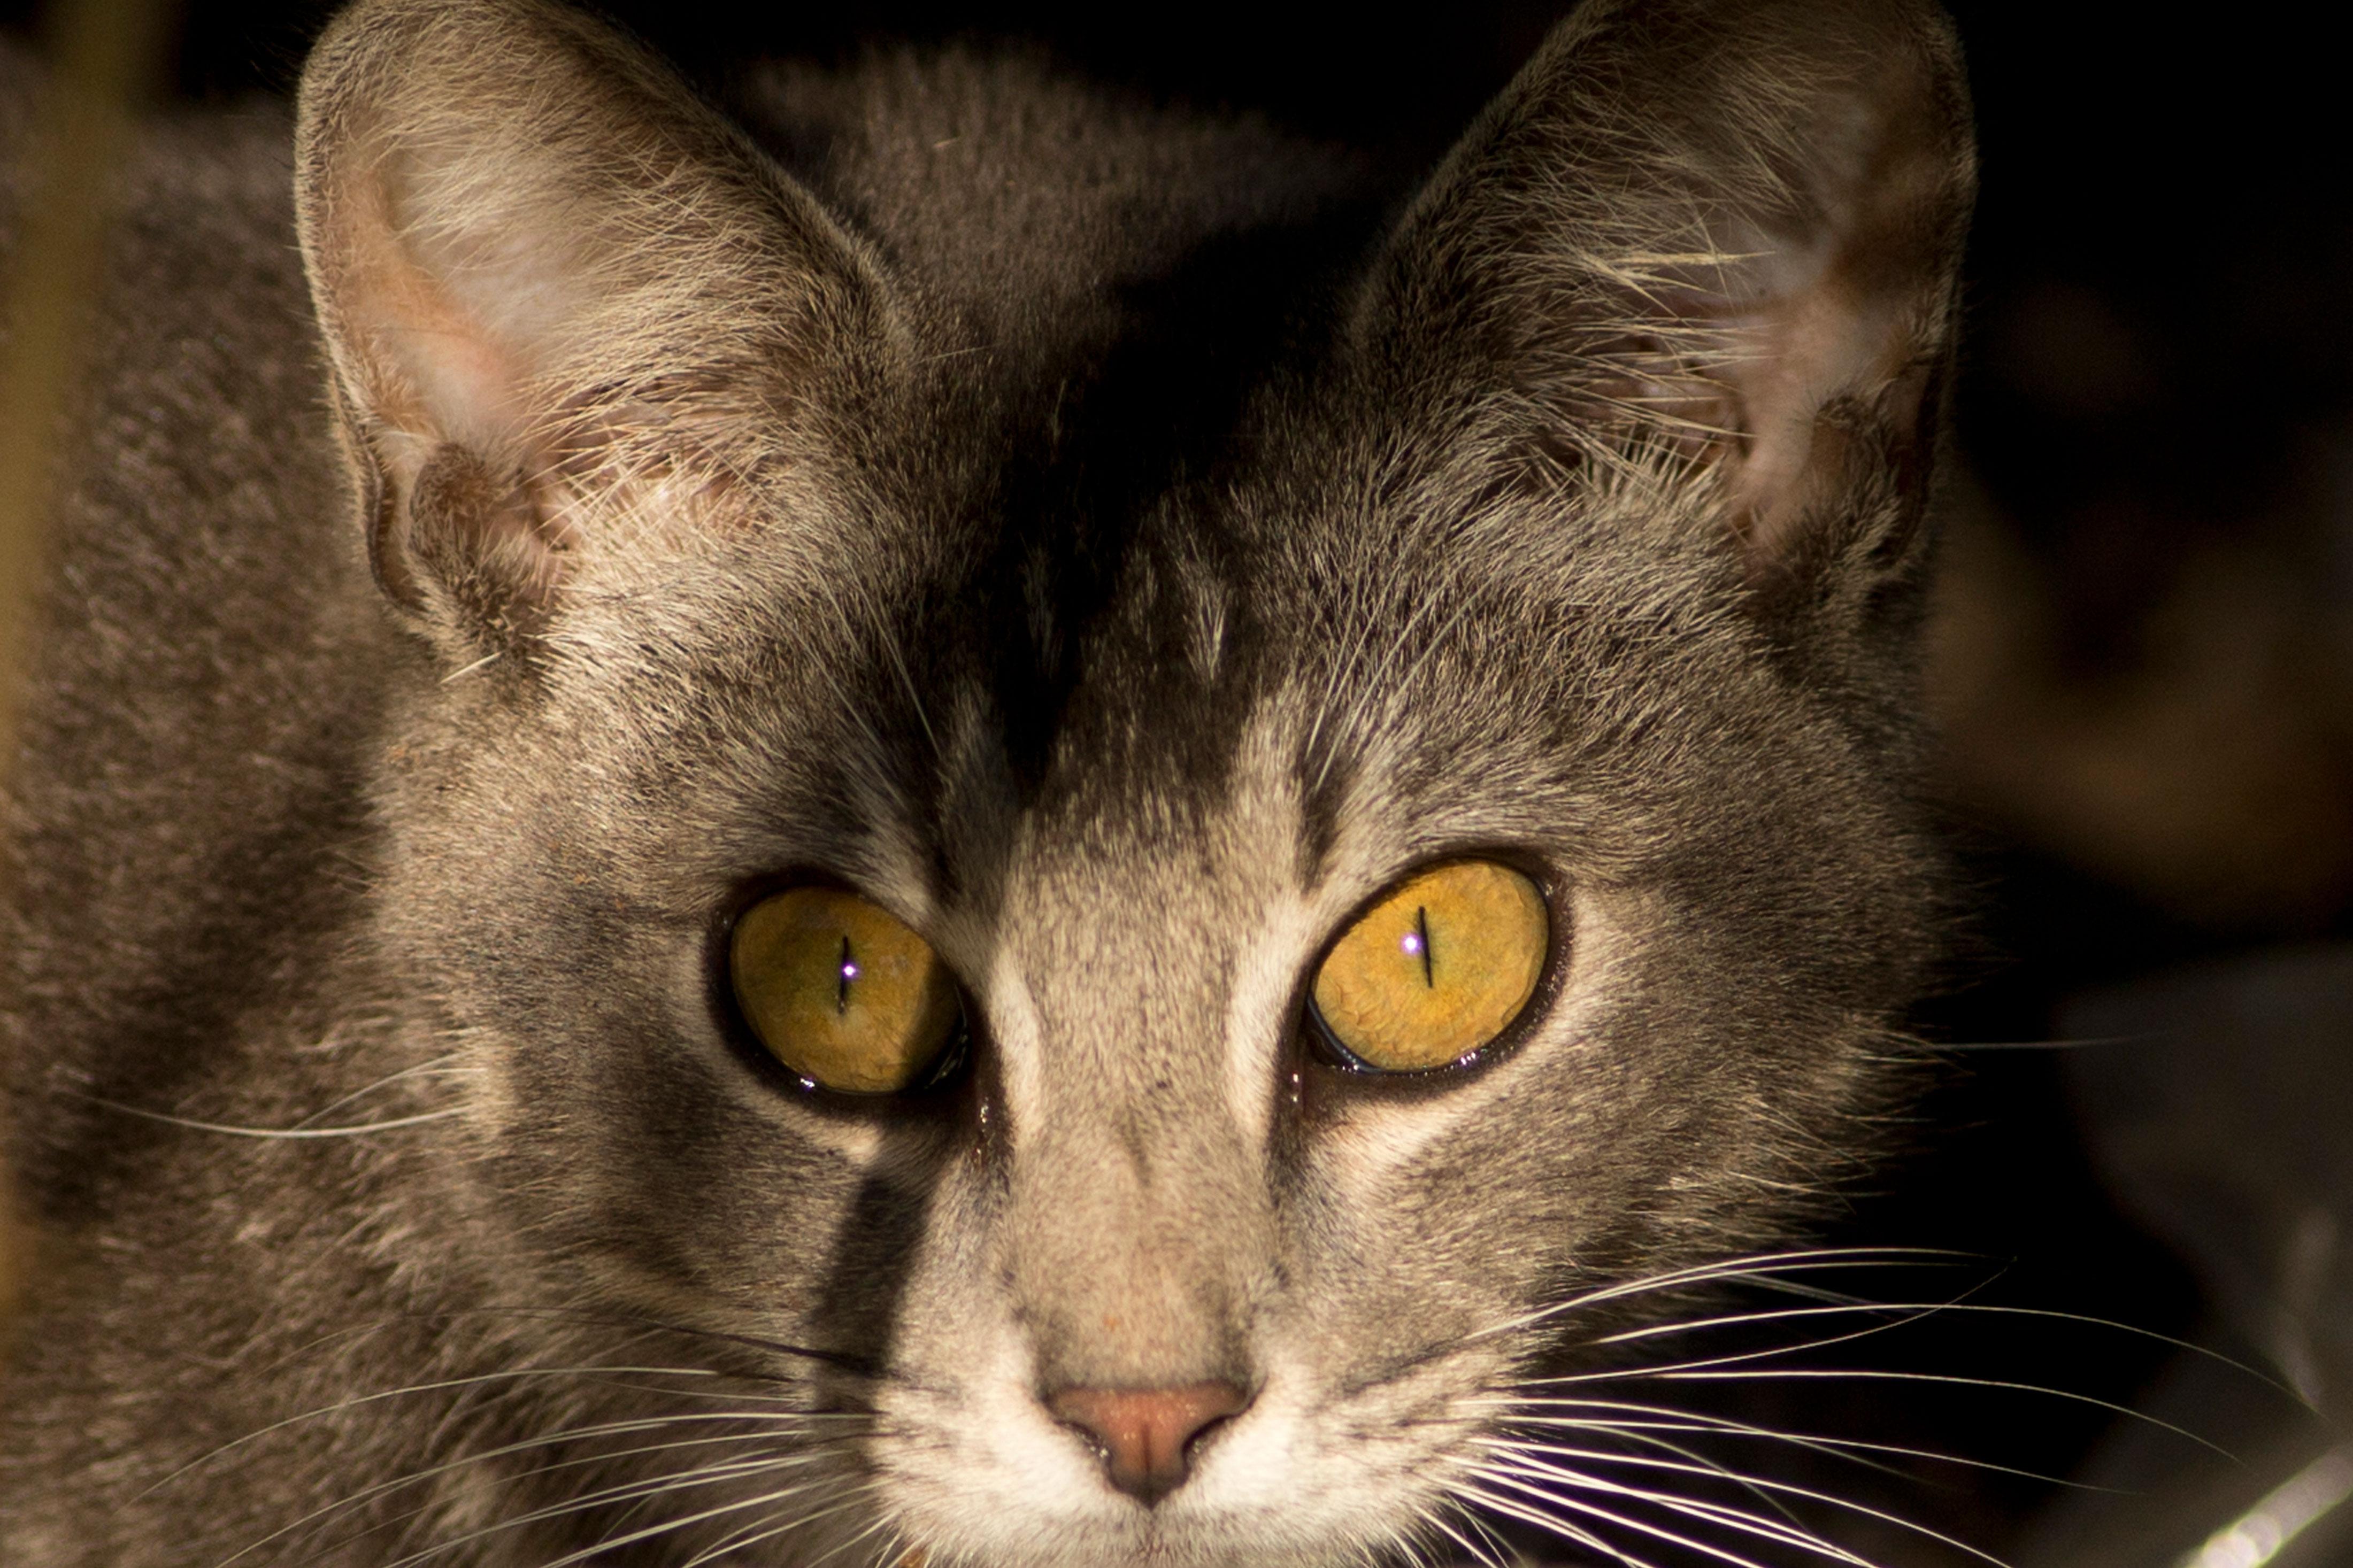 Photo: Feral Cat - AP